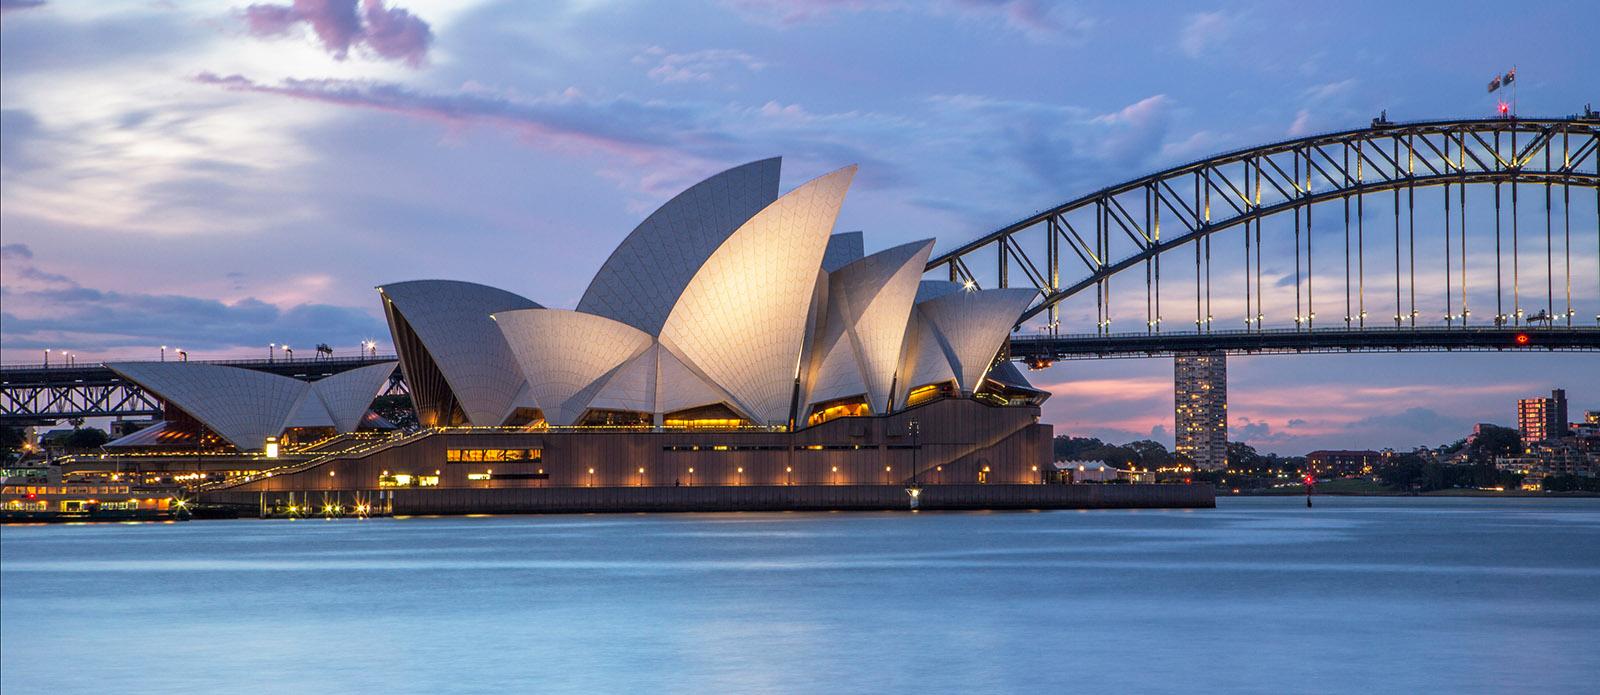 12 địa điểm đáng tham quan ở Úc ngoài Sydney - 1